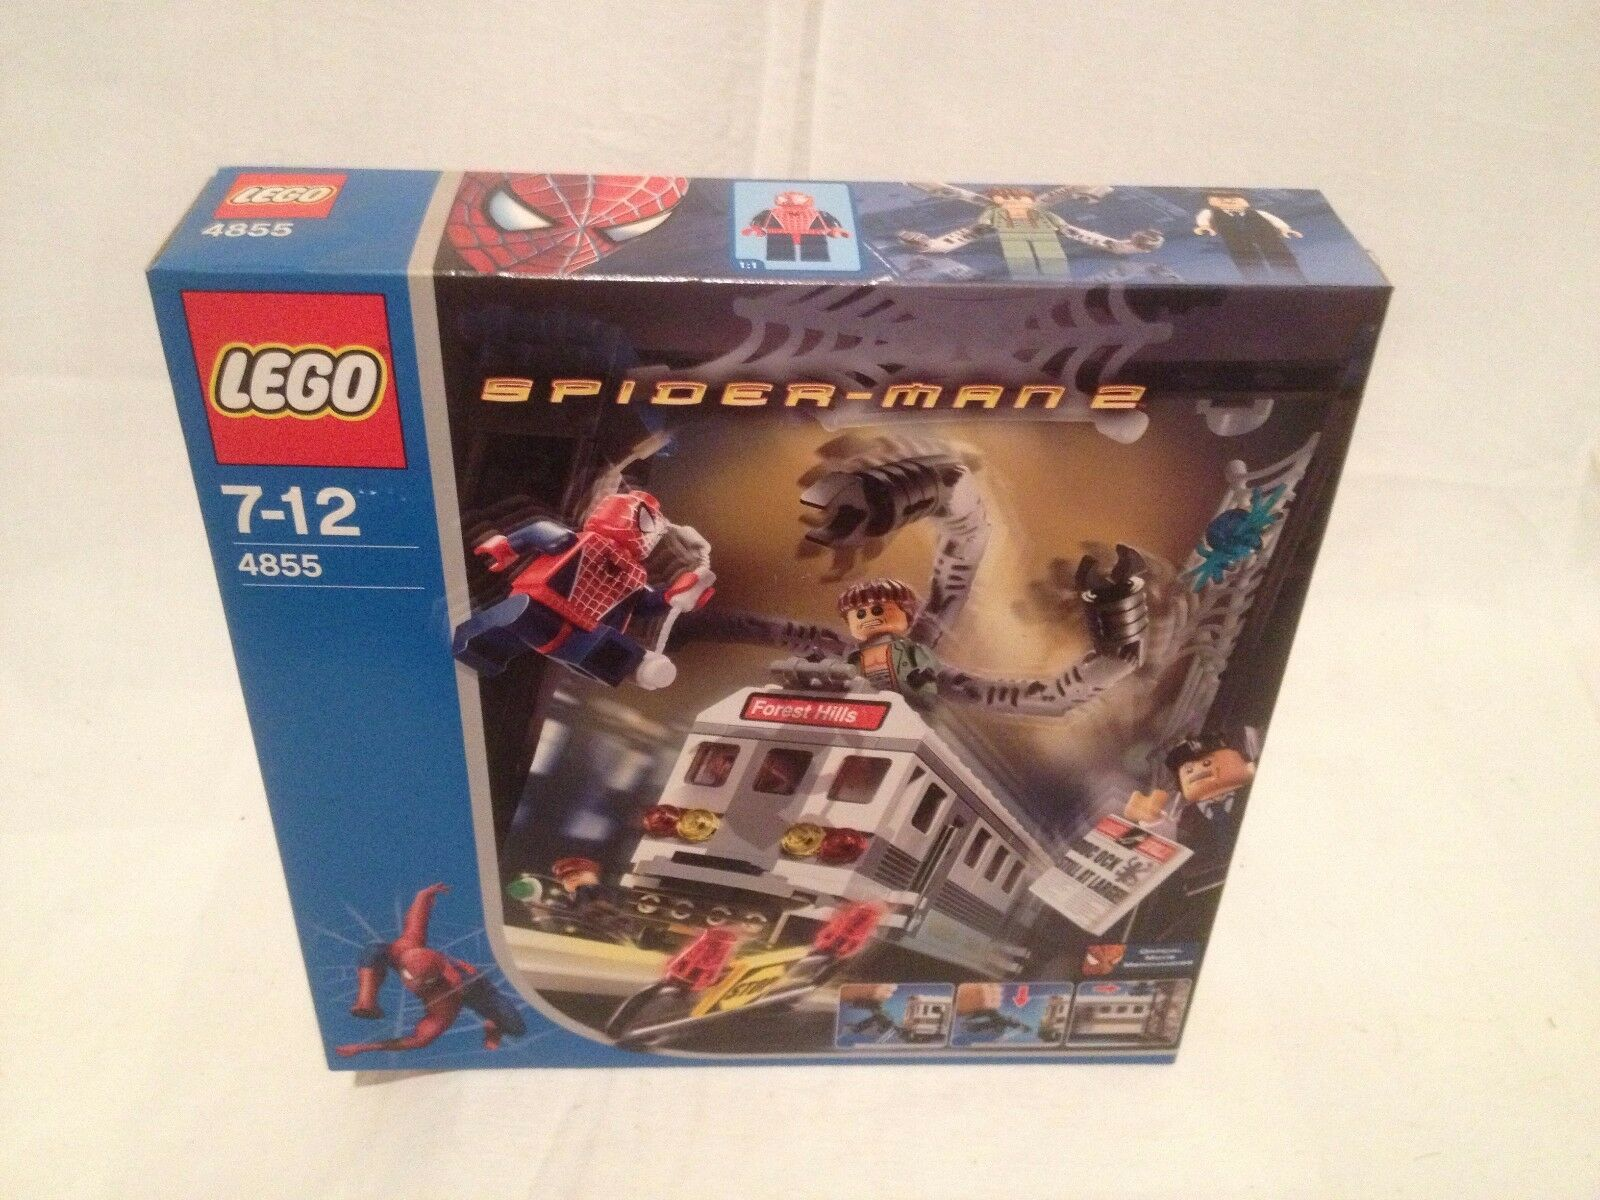 incentivi promozionali Lego Lego Lego Spider-uomo 4855 Train Rescue NEUF 1 édition  spedizione gratuita in tutto il mondo